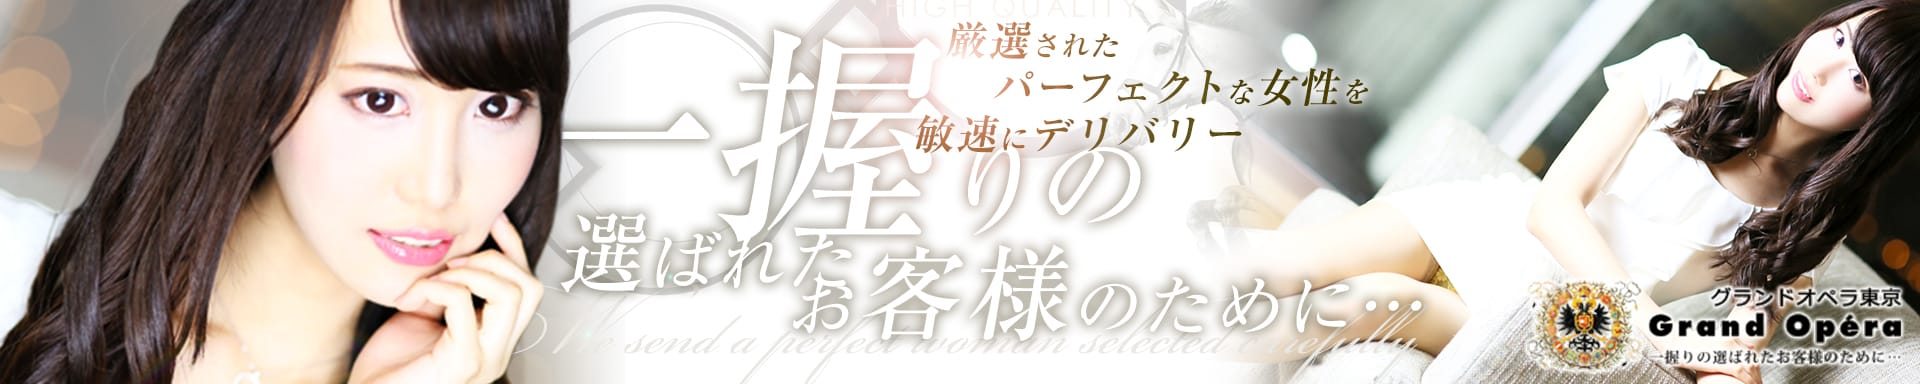 グランドオペラ東京 その3